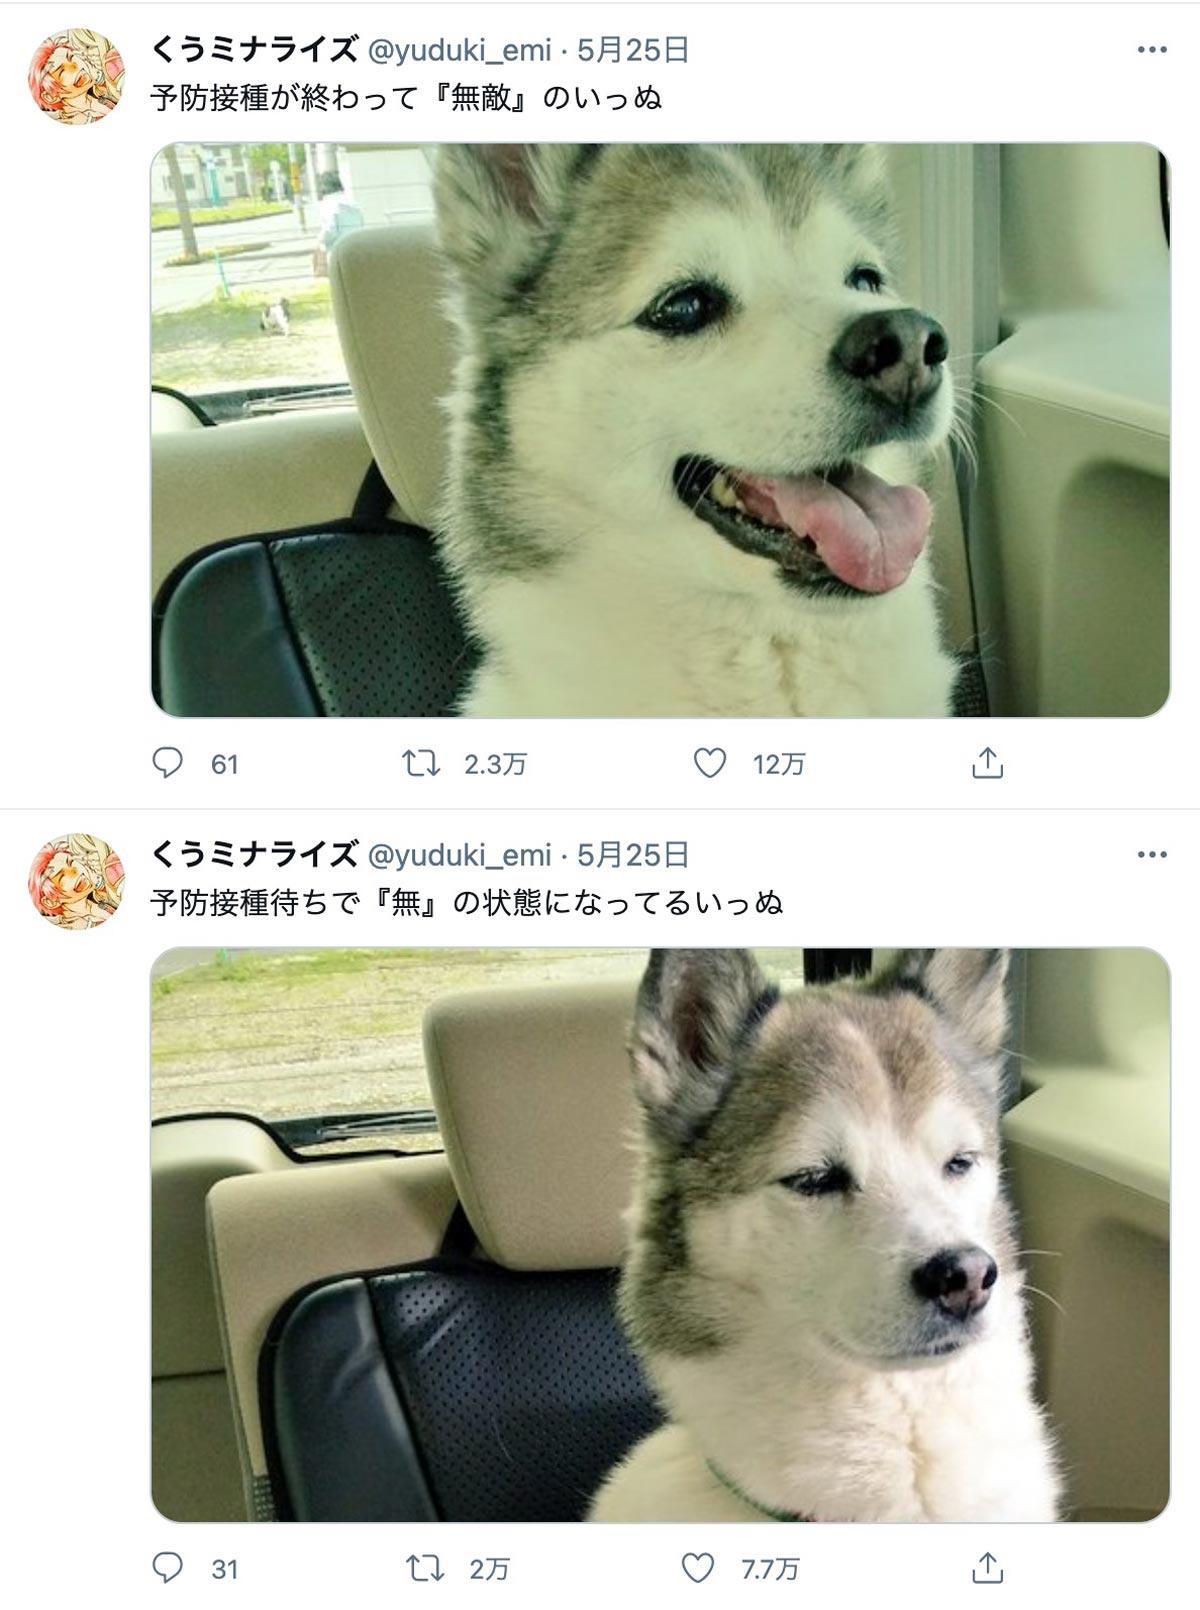 予防接種の前と後 犬の表情ギャップで心境まる分かり